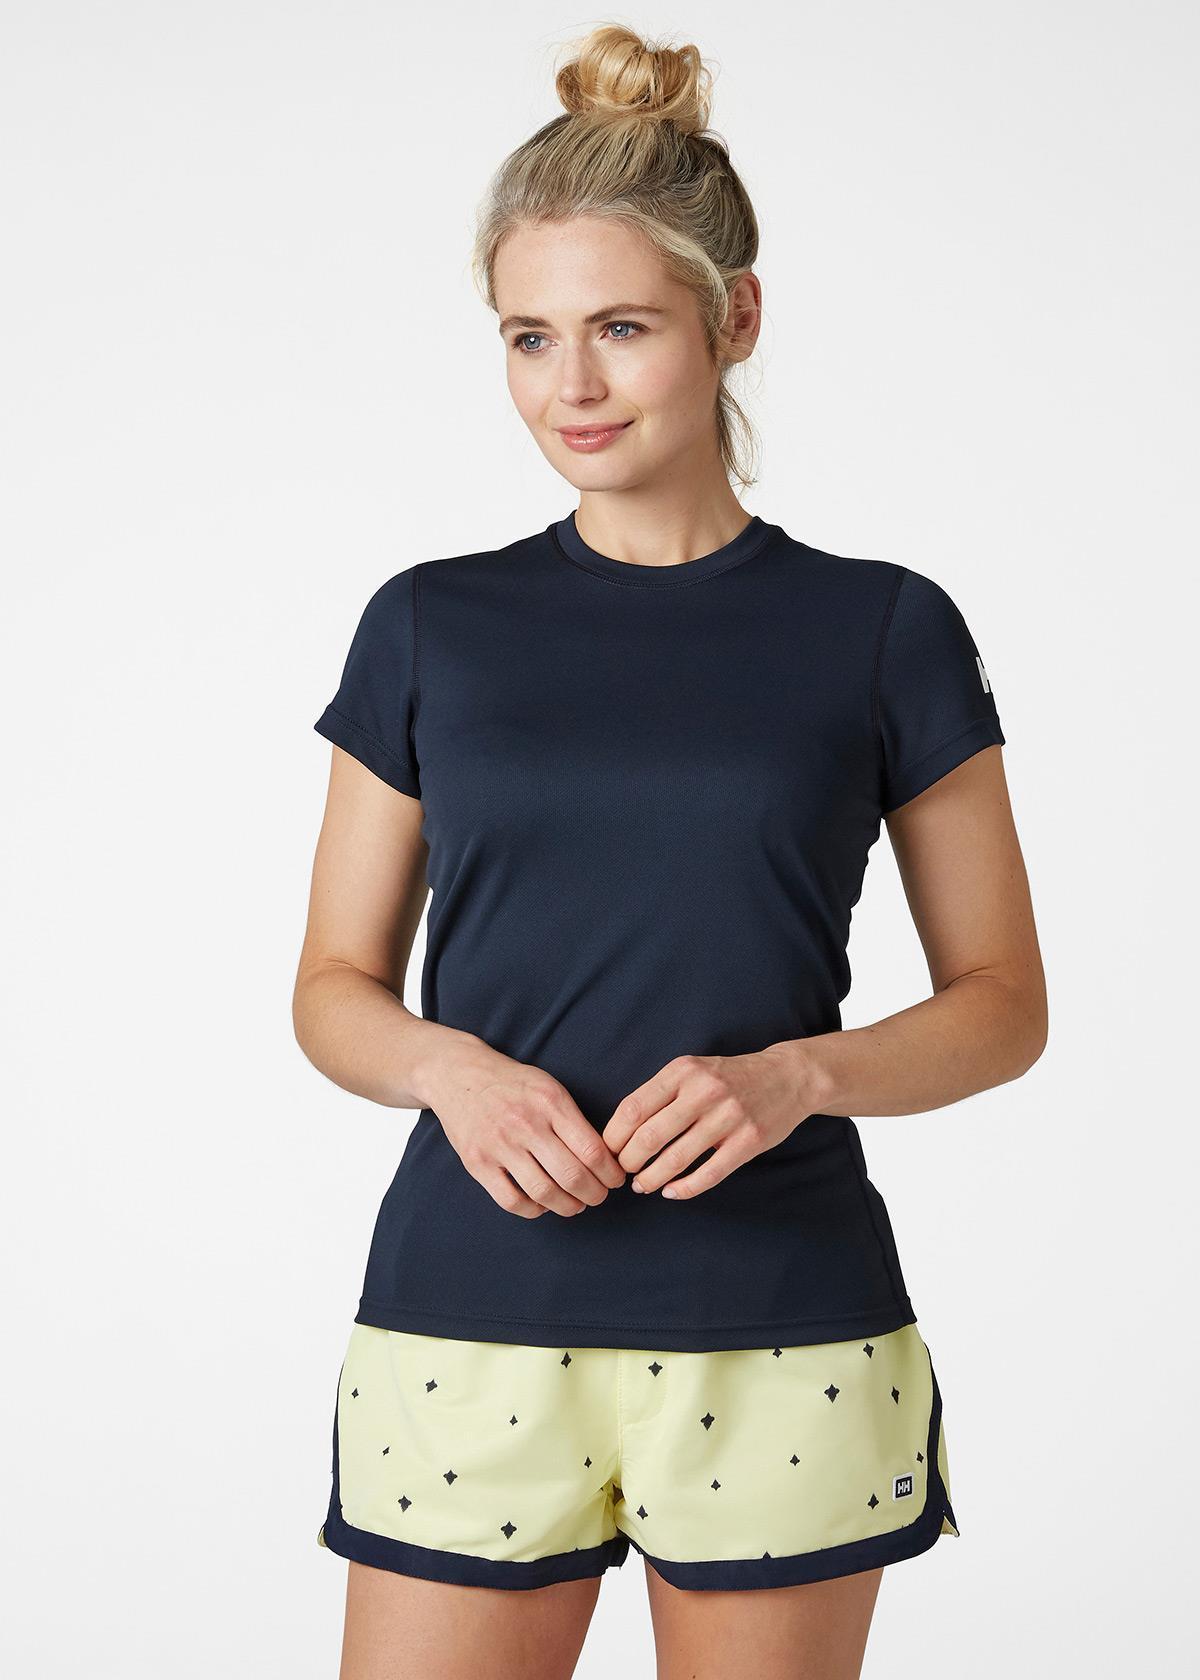 Helly Hansen Hh W Hh Tech T-Shirt Kadın Termal İçlik